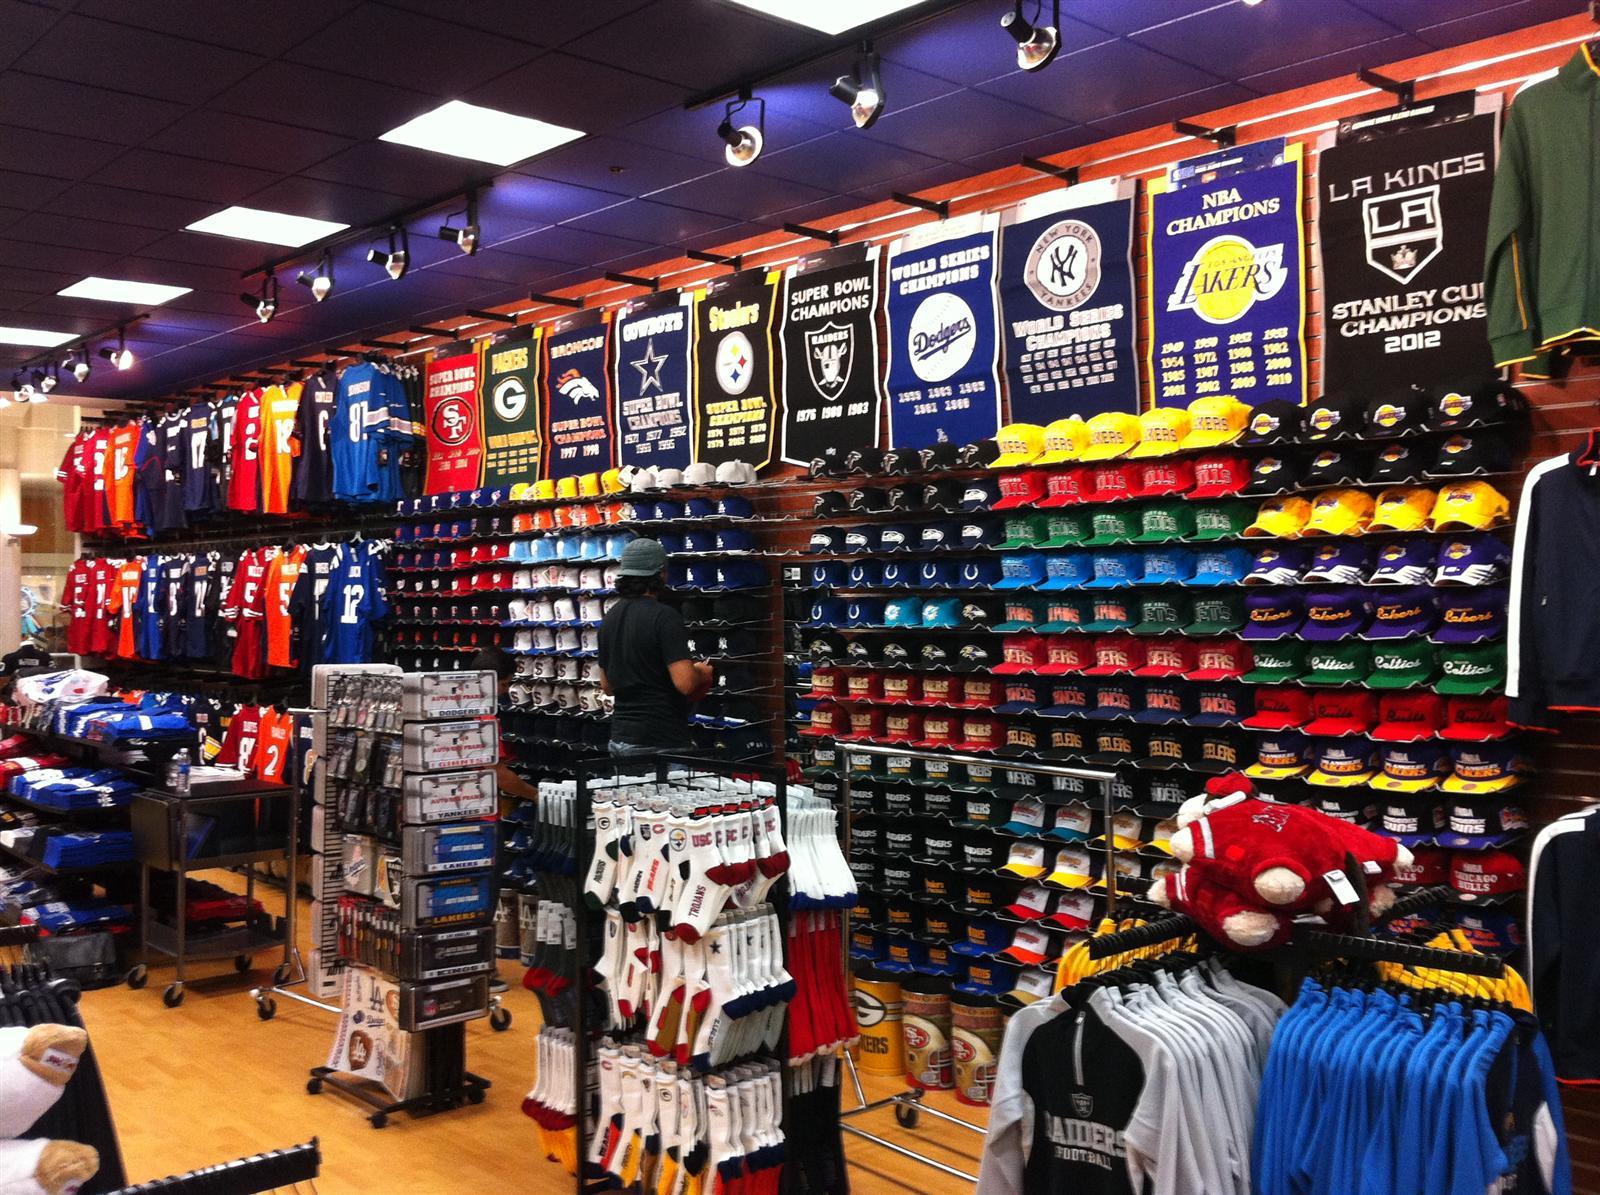 Lojas de marcas esportivas em Miami  departamento fd7a049cfc554